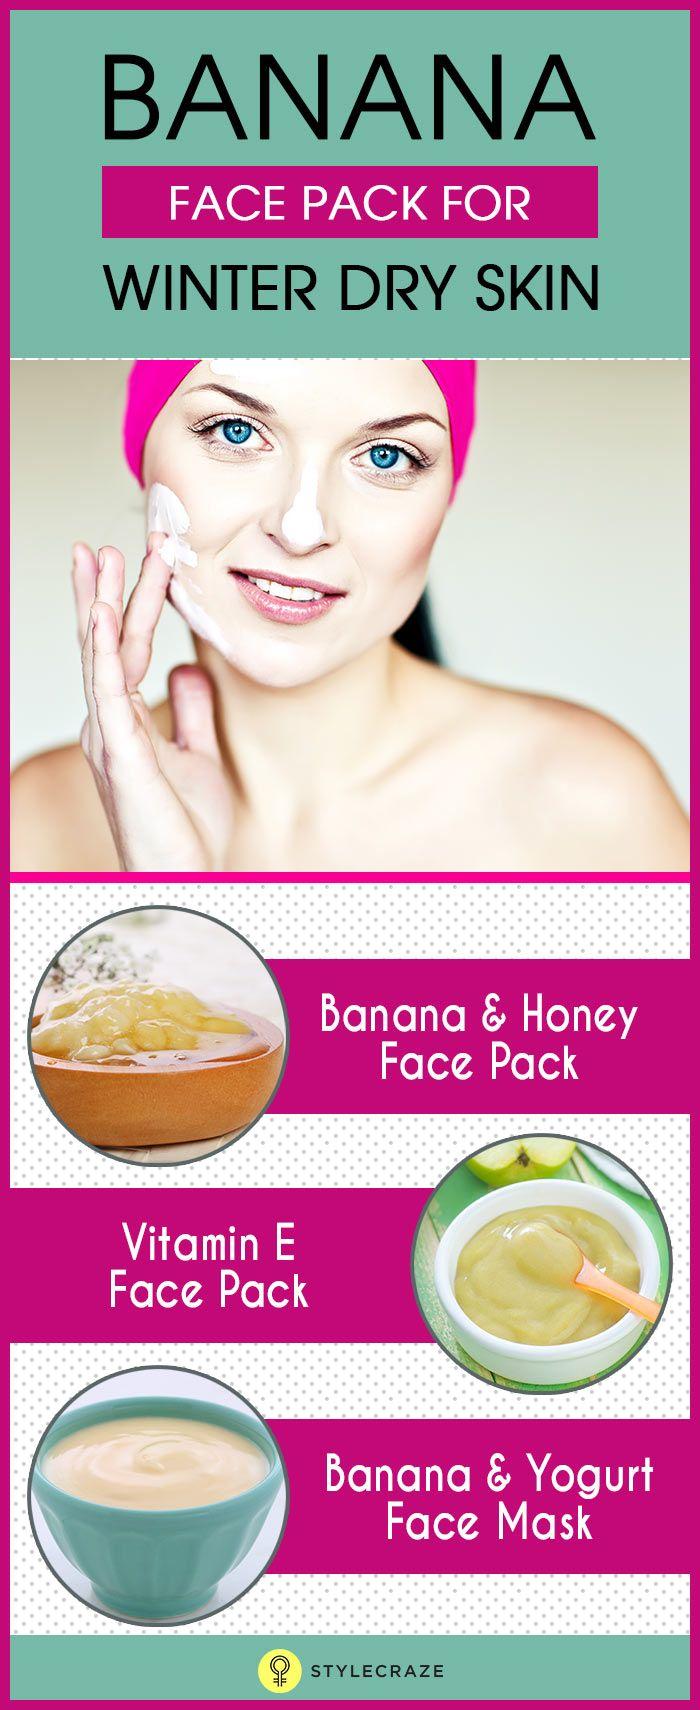 Homemade Banana Face Packs And Face Masks For Dry Skin In Winter Dry Winter Skin Mask For Dry Skin Dry Skin